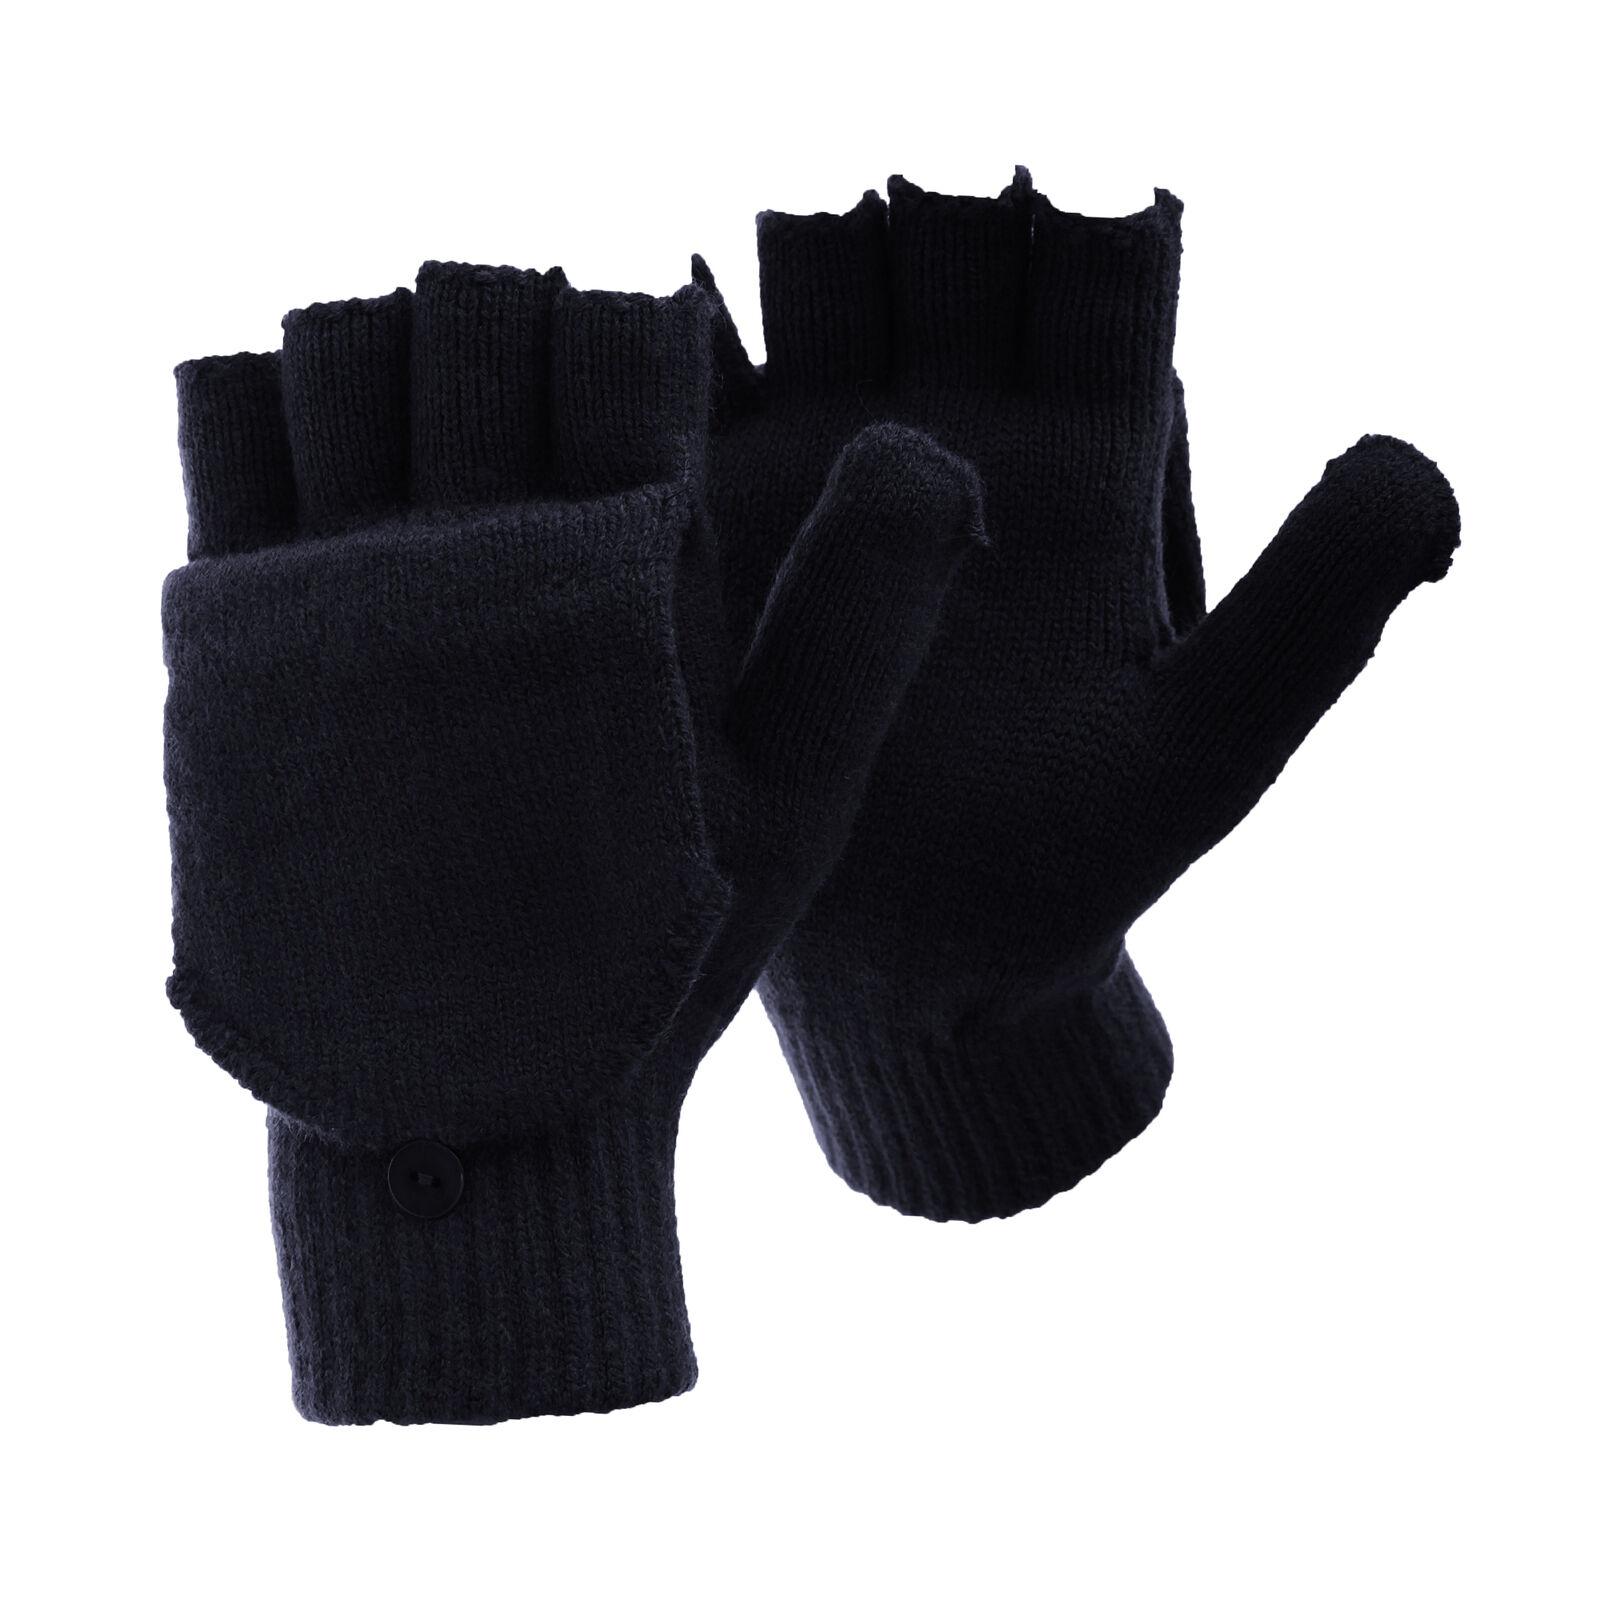 FLOSO Mens Plain Thermal Winter Capped Fingerless Gloves GL224